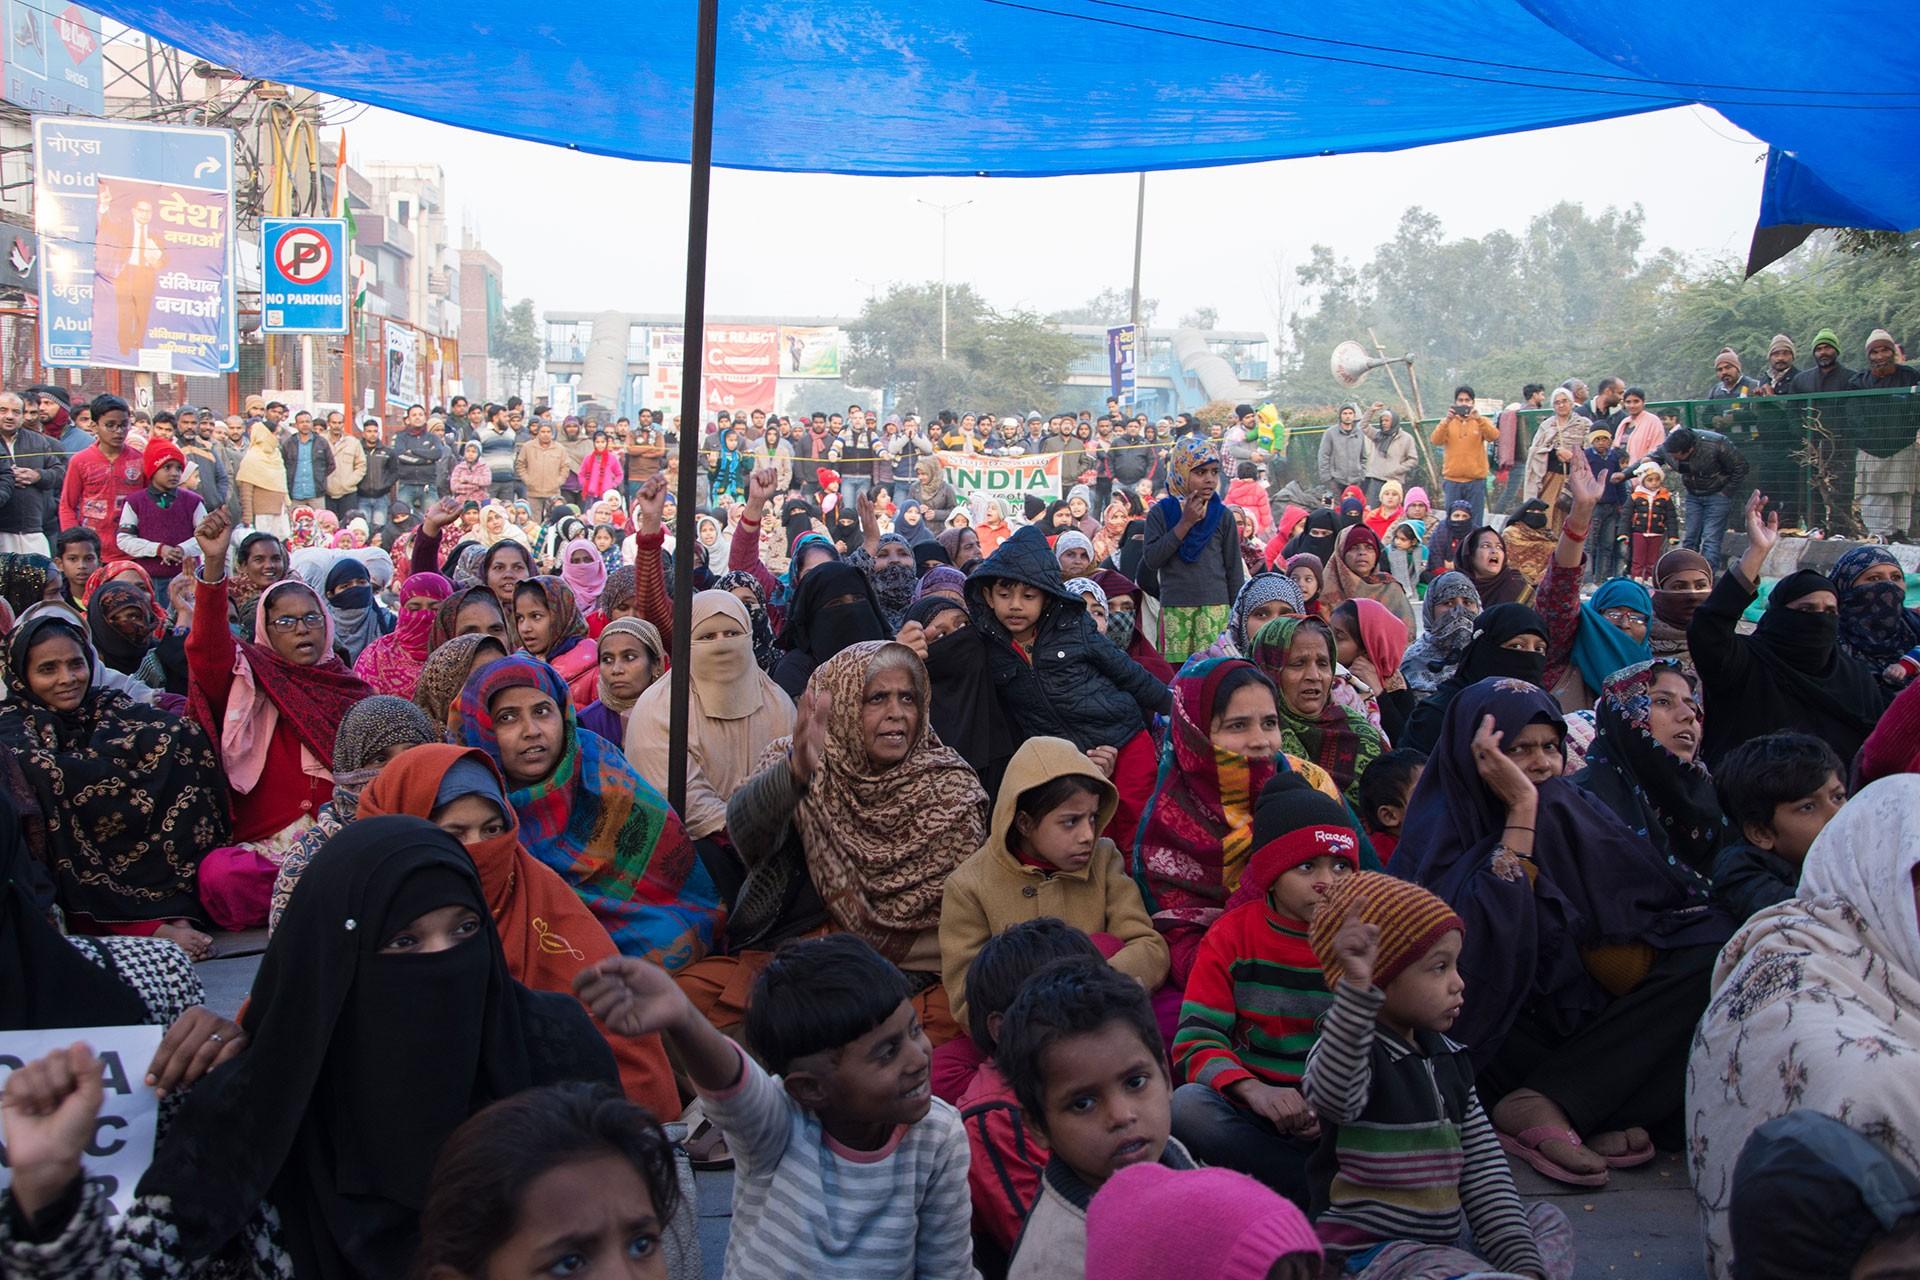 Yeni Delhi'nin Shaheen Bagh banliyösünde, çoğu kadınlardan oluşan yüzlerce kişinin yaptığı oturma eylemi 10 gündür devam ediyor.